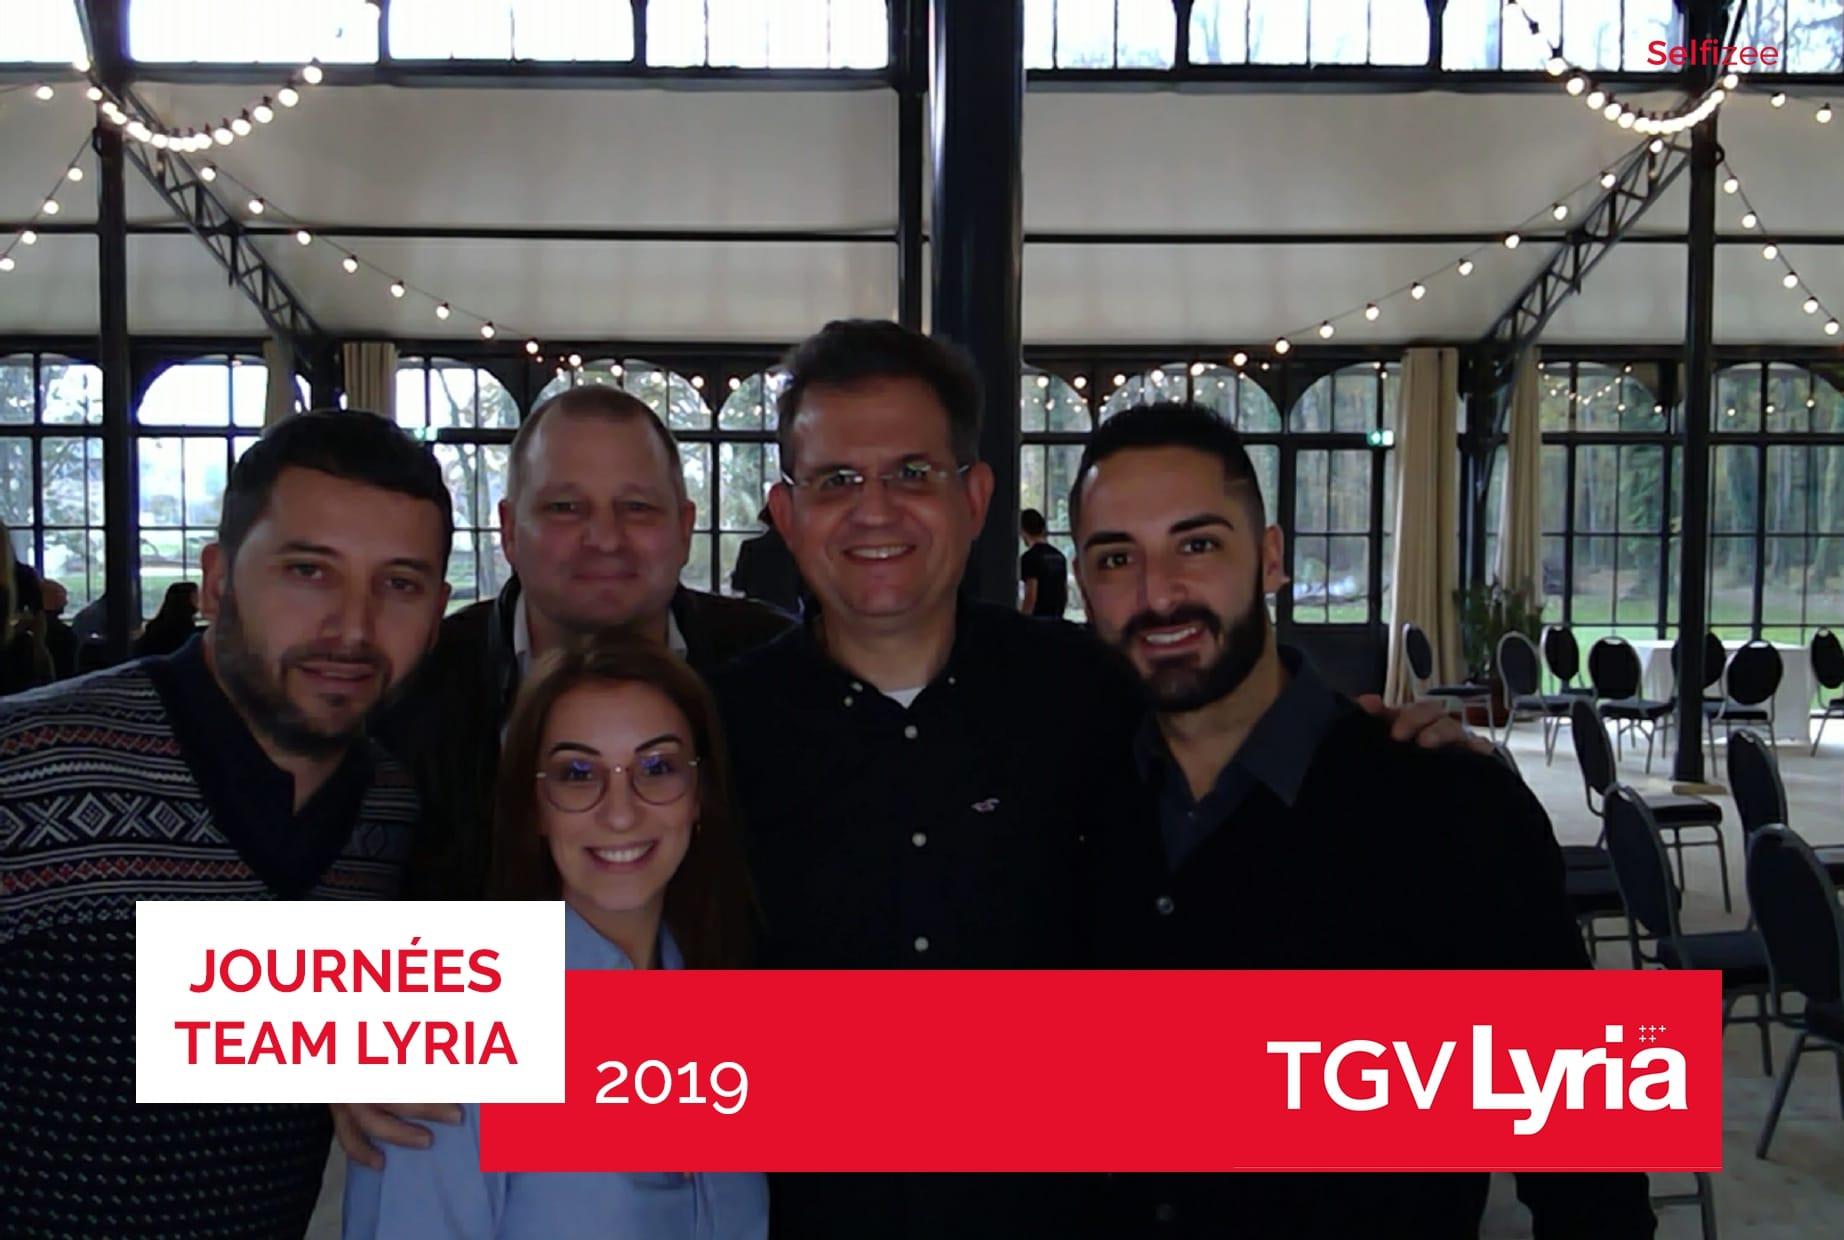 Photobooth connecté et selfies personnalisés pour animation journée team Lyria SNCF à Dijon